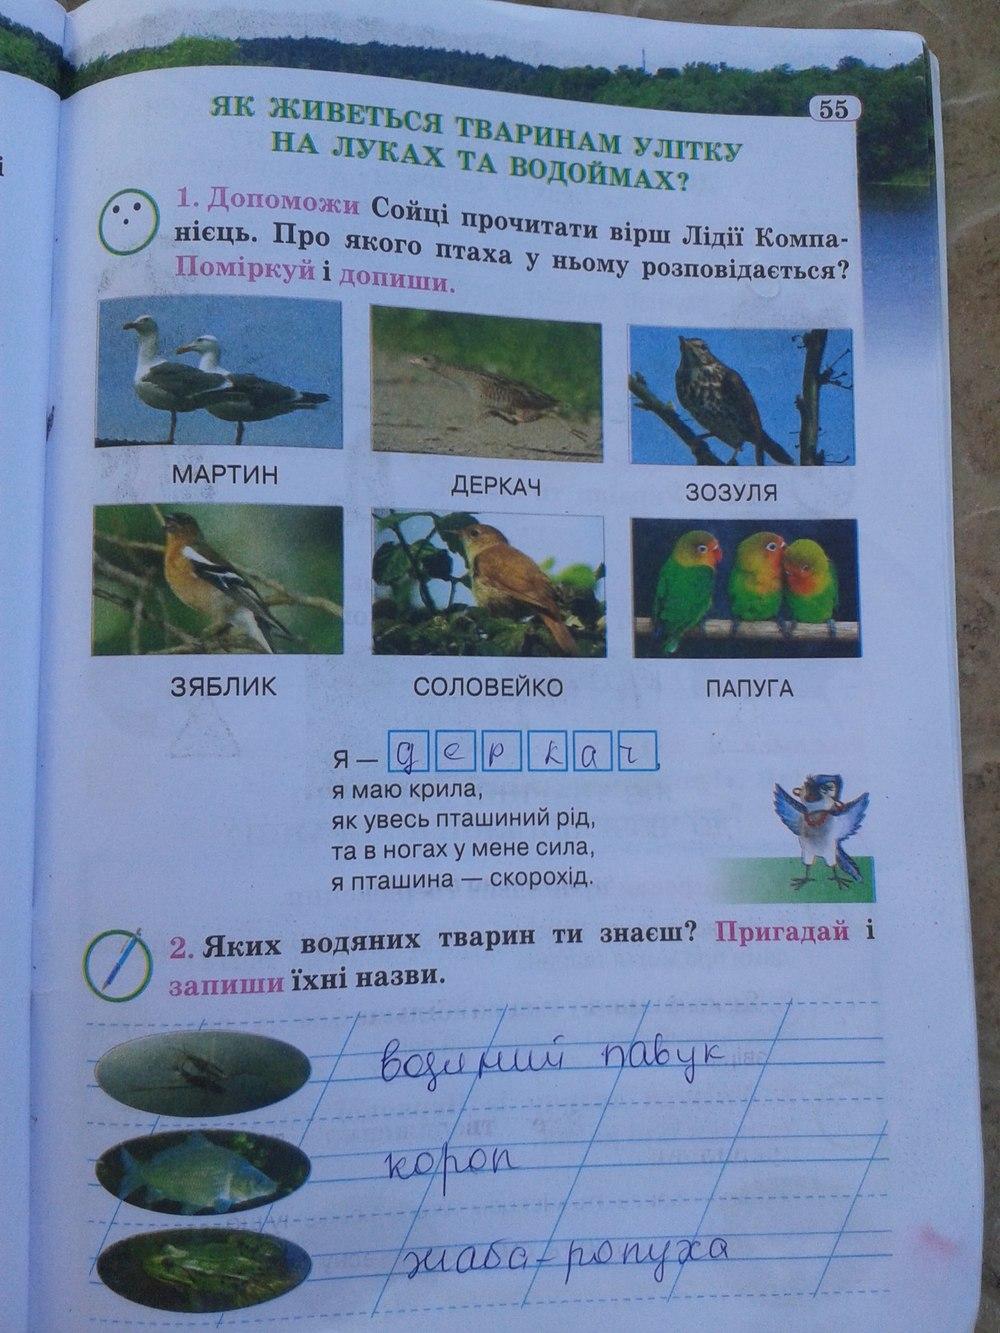 ГДЗ відповіді робочий зошит по биологии 2 класс И. Грущинська. Задание: стр. 55